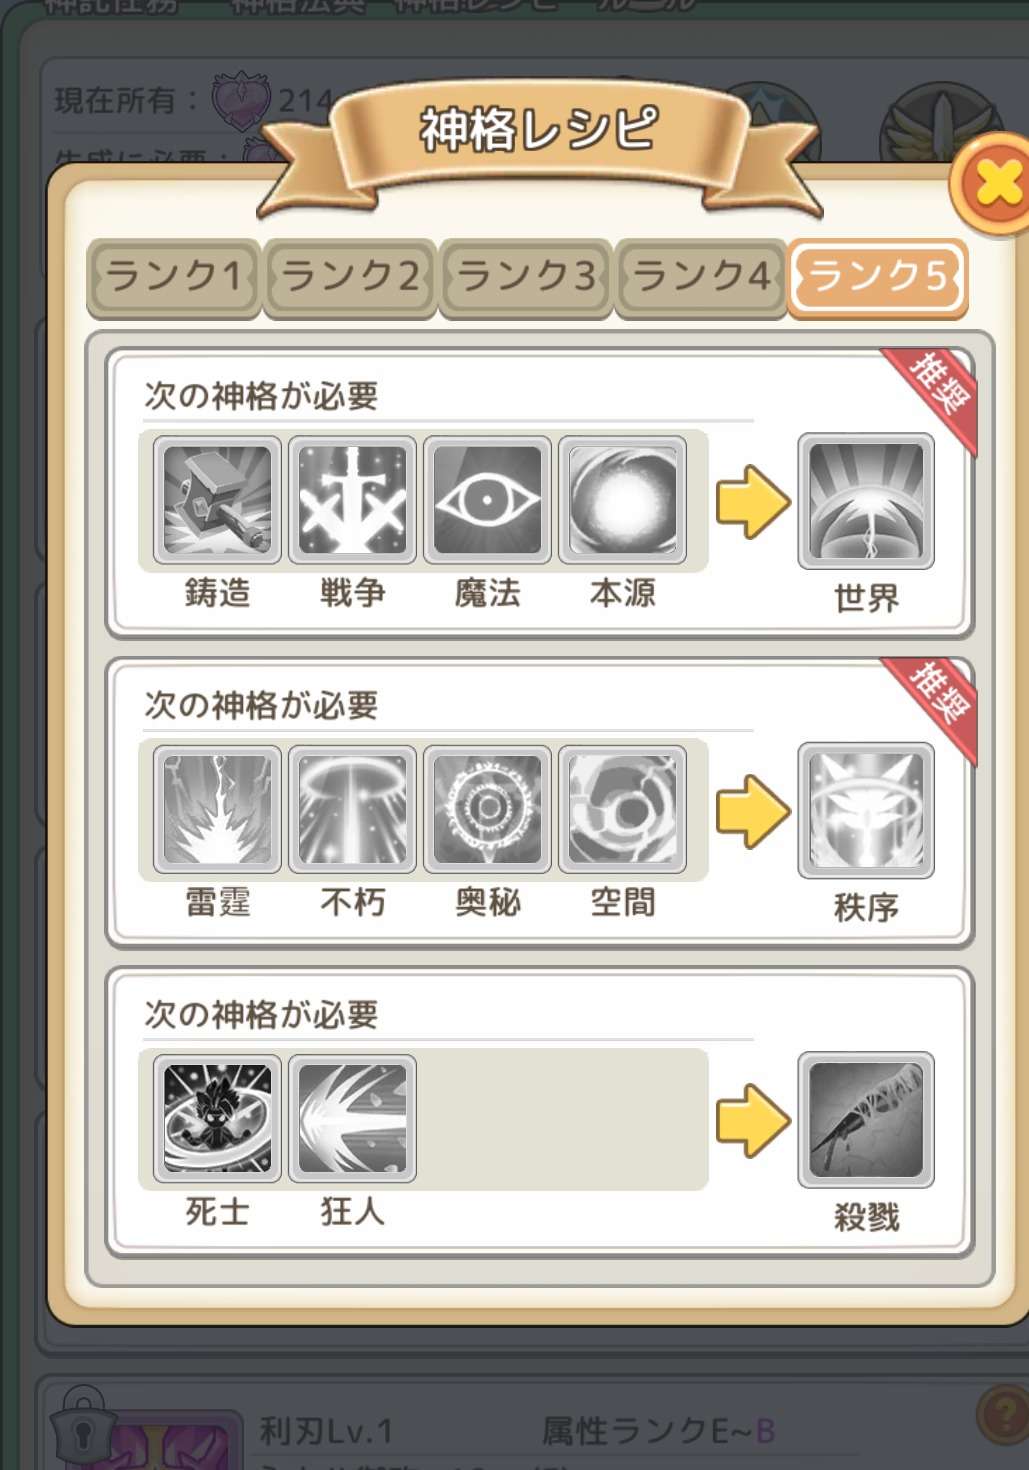 エースアーチャーの神格レシピ・ランク5画像